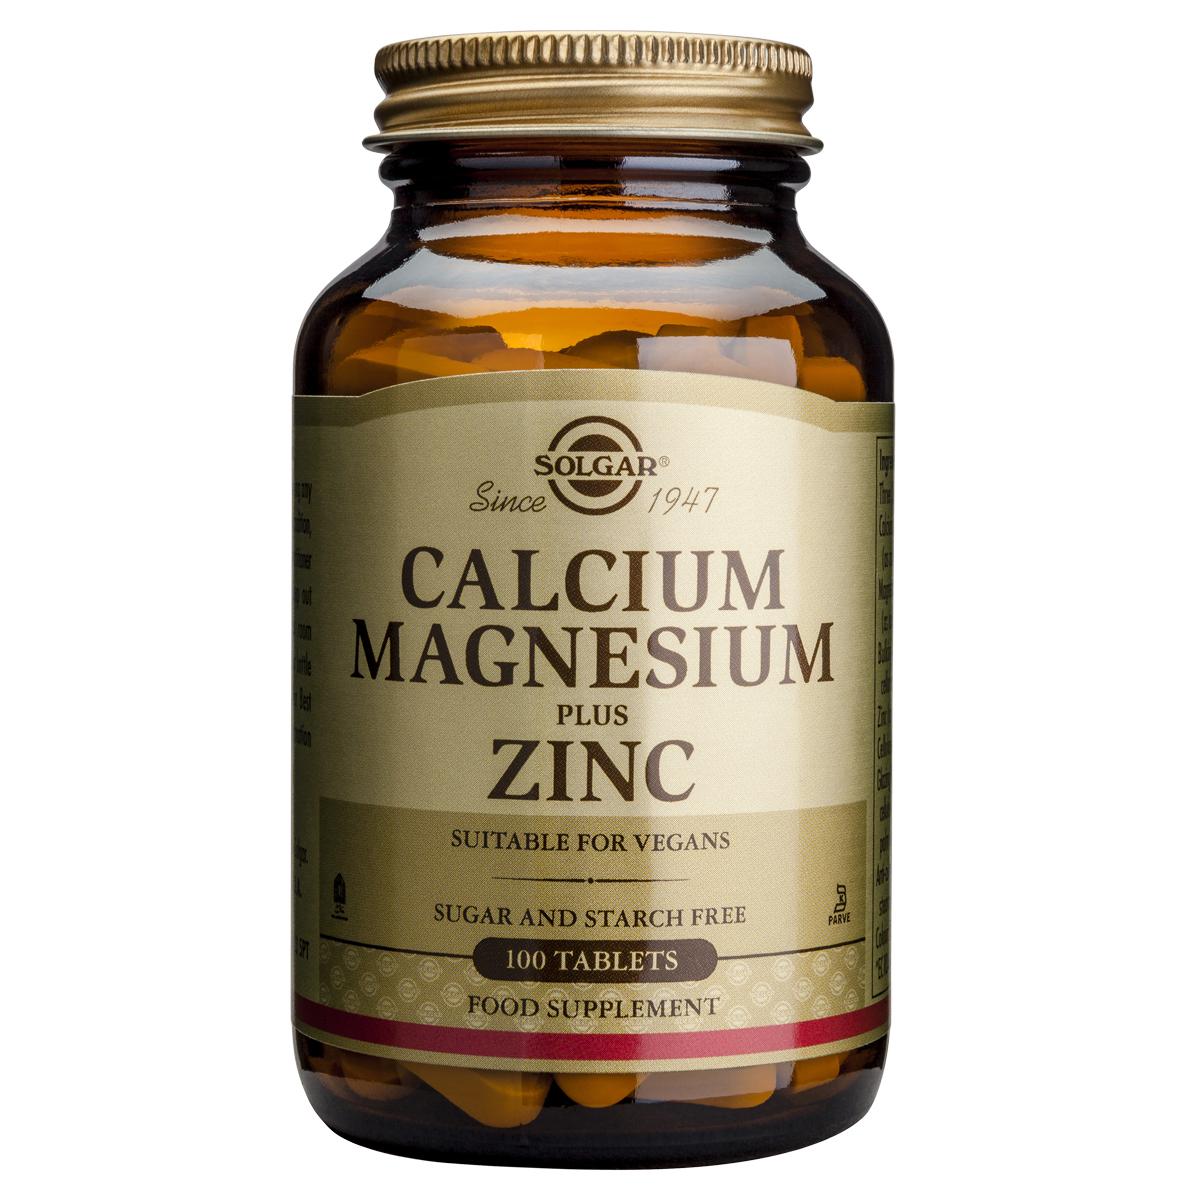 Billede af Solgar Calcium, Magnesium plus Zinc - 100 stk.